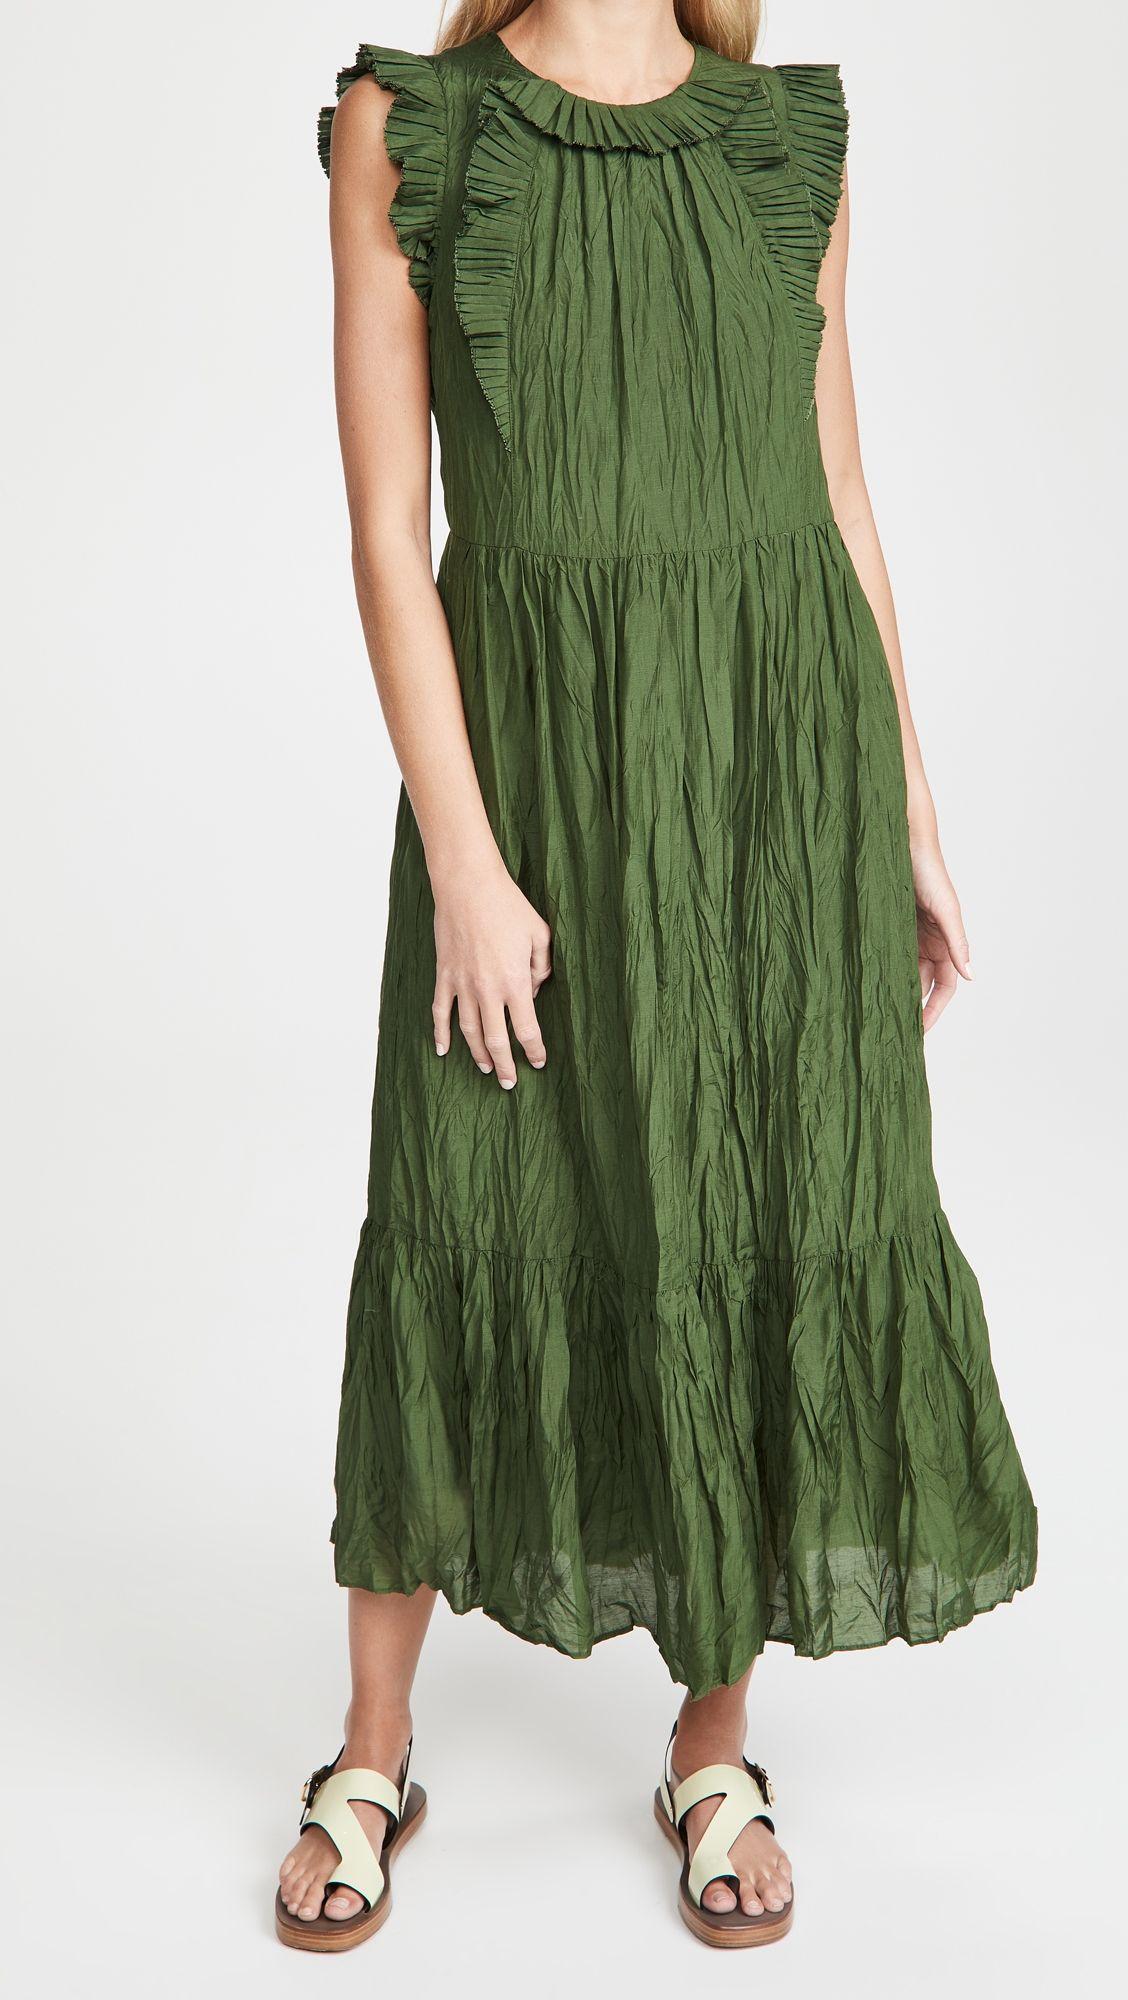 Sea Tessa Sleeveless Maxi Dress Sleeveless Maxi Dress Maxi Dress Green Bodycon Dress [ 2000 x 1128 Pixel ]